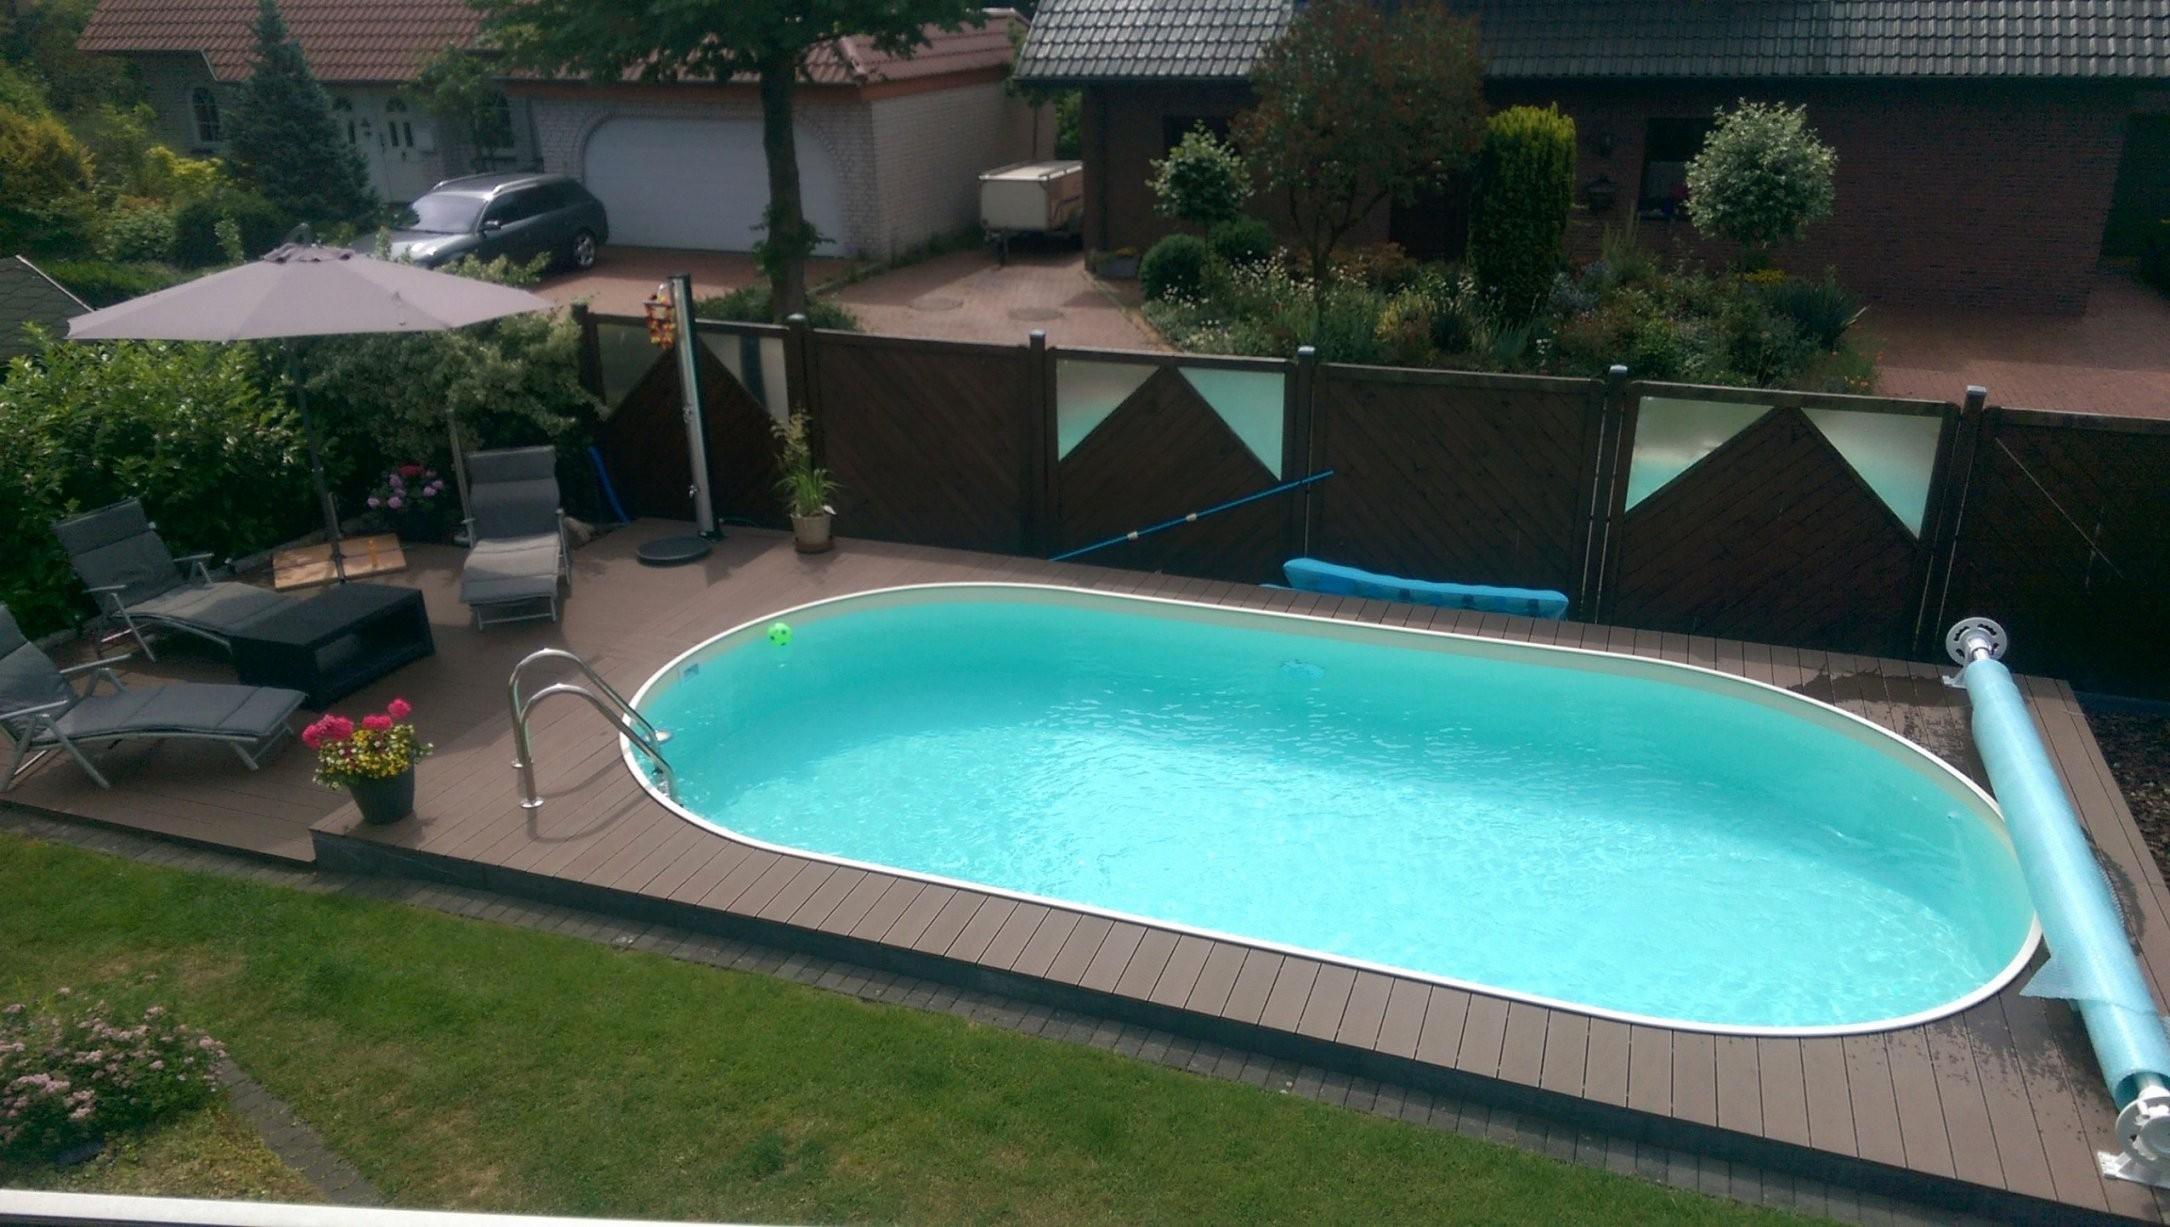 Pool Im Garten Selber Bauen Mit Pool Terrasse Bauen Best Pool von Pool Terrasse Selber Bauen Bild